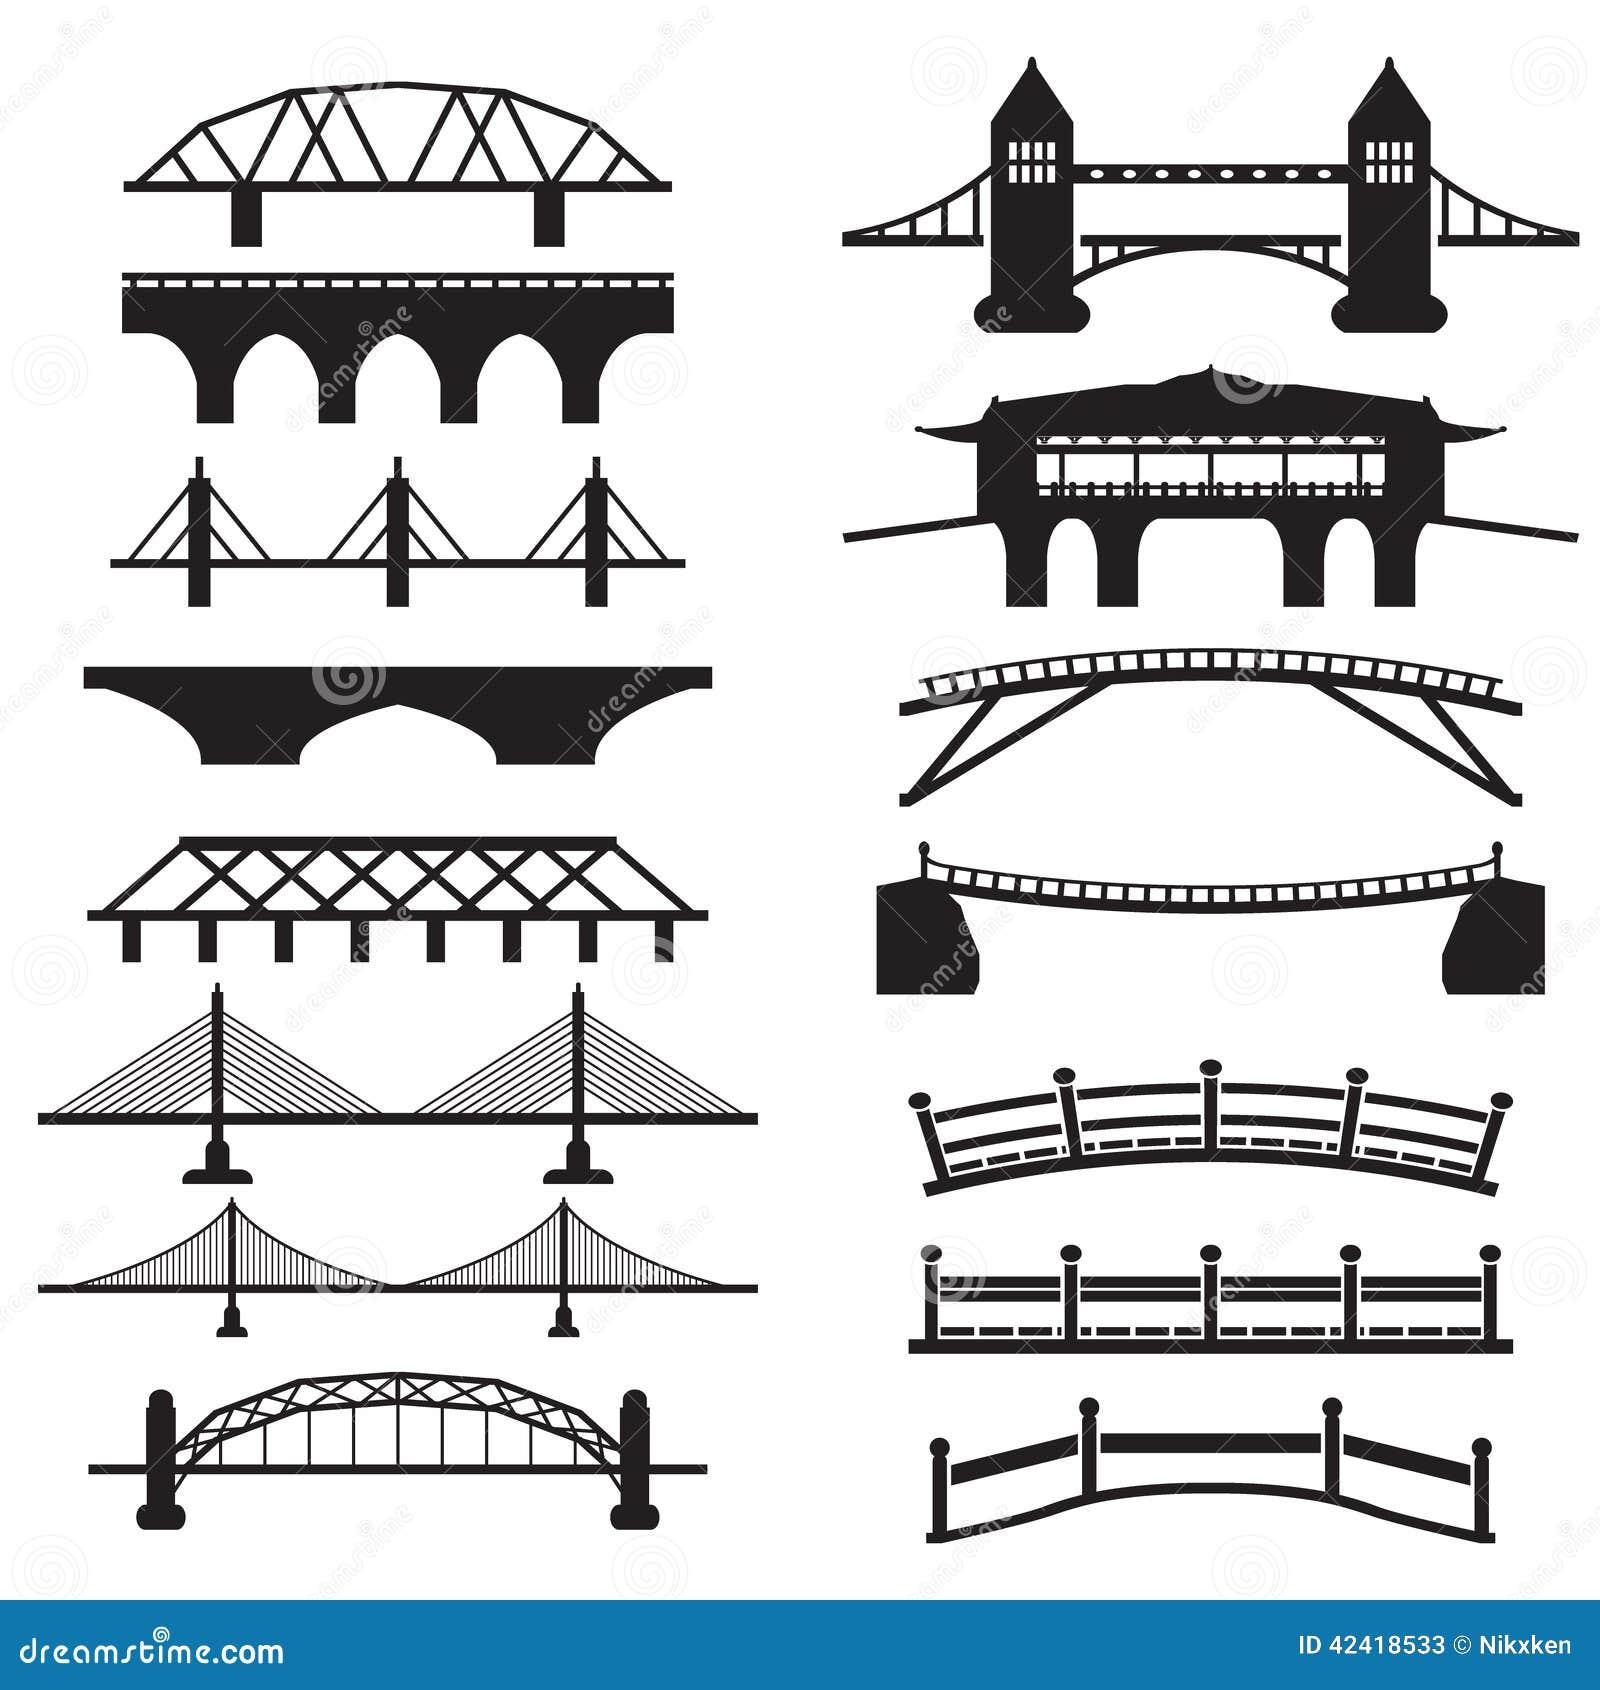 Элементы деревянного моста схема